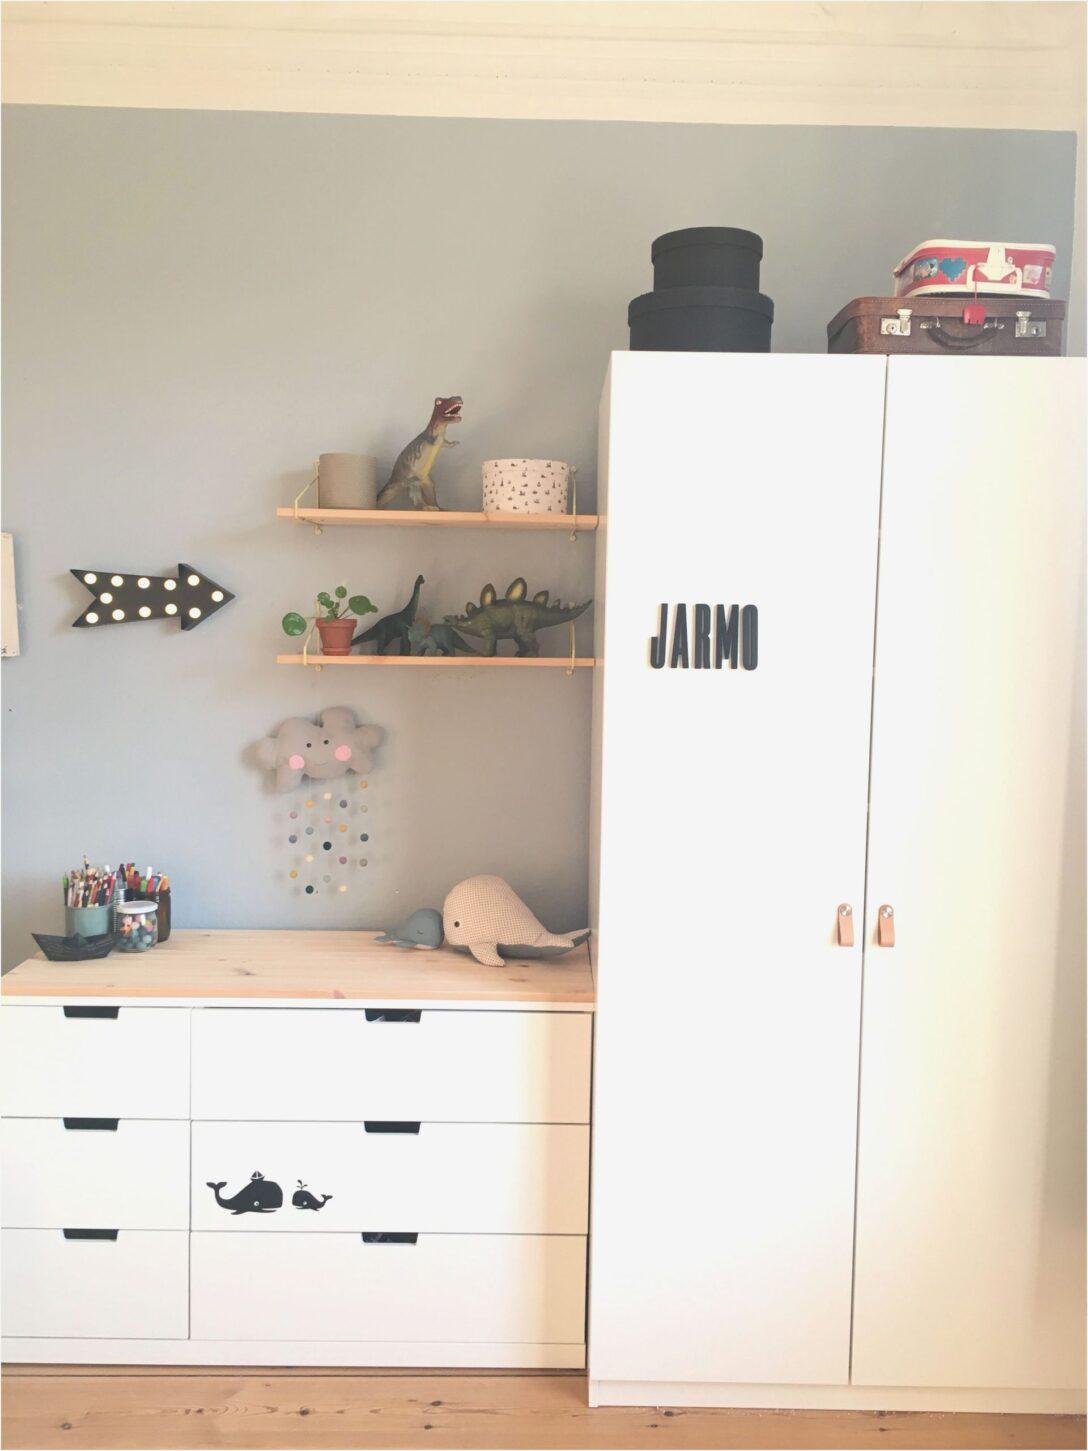 Large Size of Kinderzimmer Aufbewahrung Ikea Wand Traumhaus Sofa Küche Regal Weiß Aufbewahrungsbehälter Bett Mit Regale Aufbewahrungsbox Garten Aufbewahrungssystem Betten Kinderzimmer Kinderzimmer Aufbewahrung